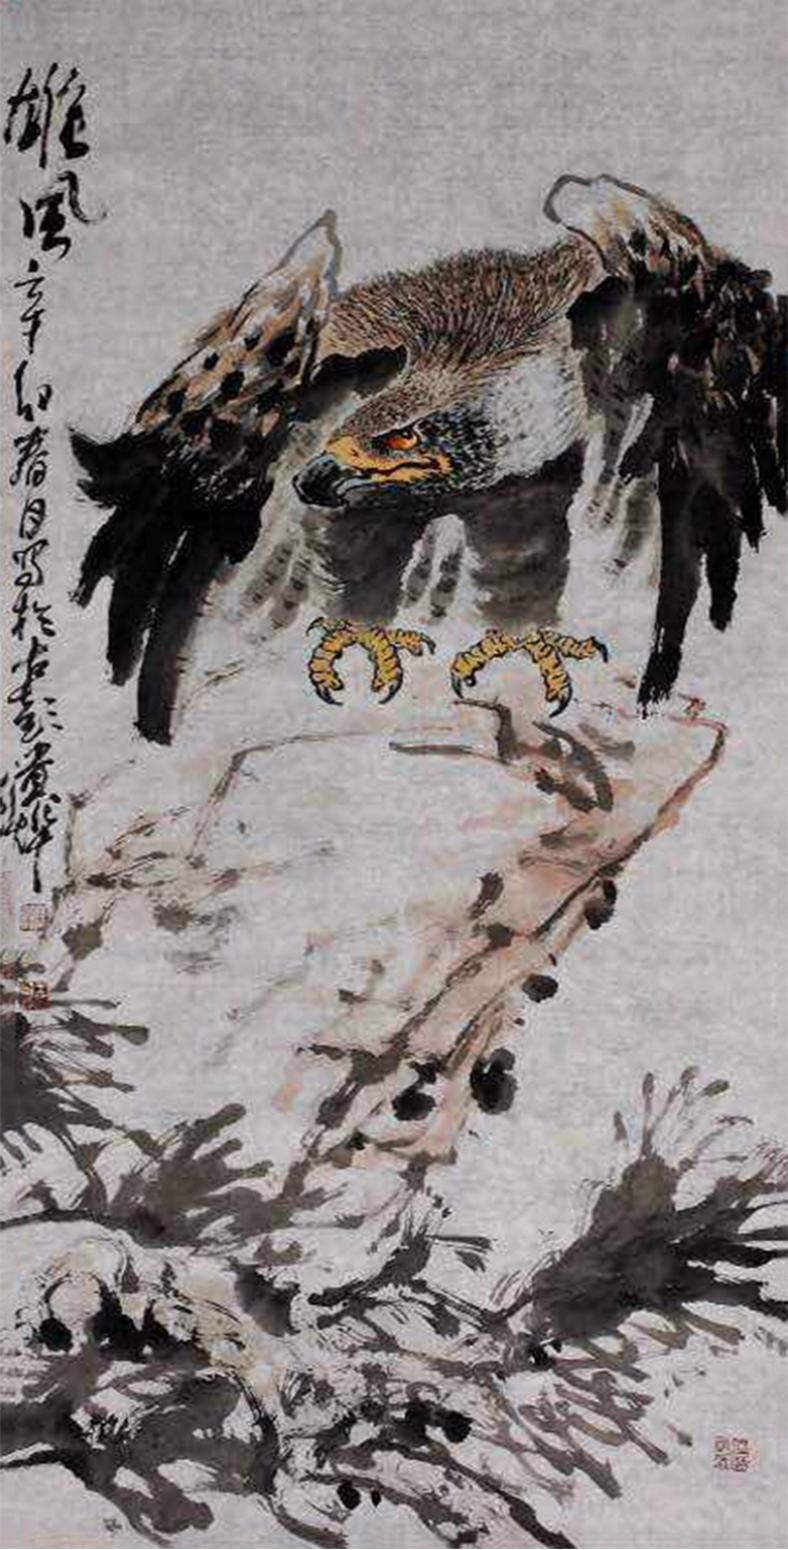 王贵烨国画作品《【雄风】作者王贵烨》【图0】